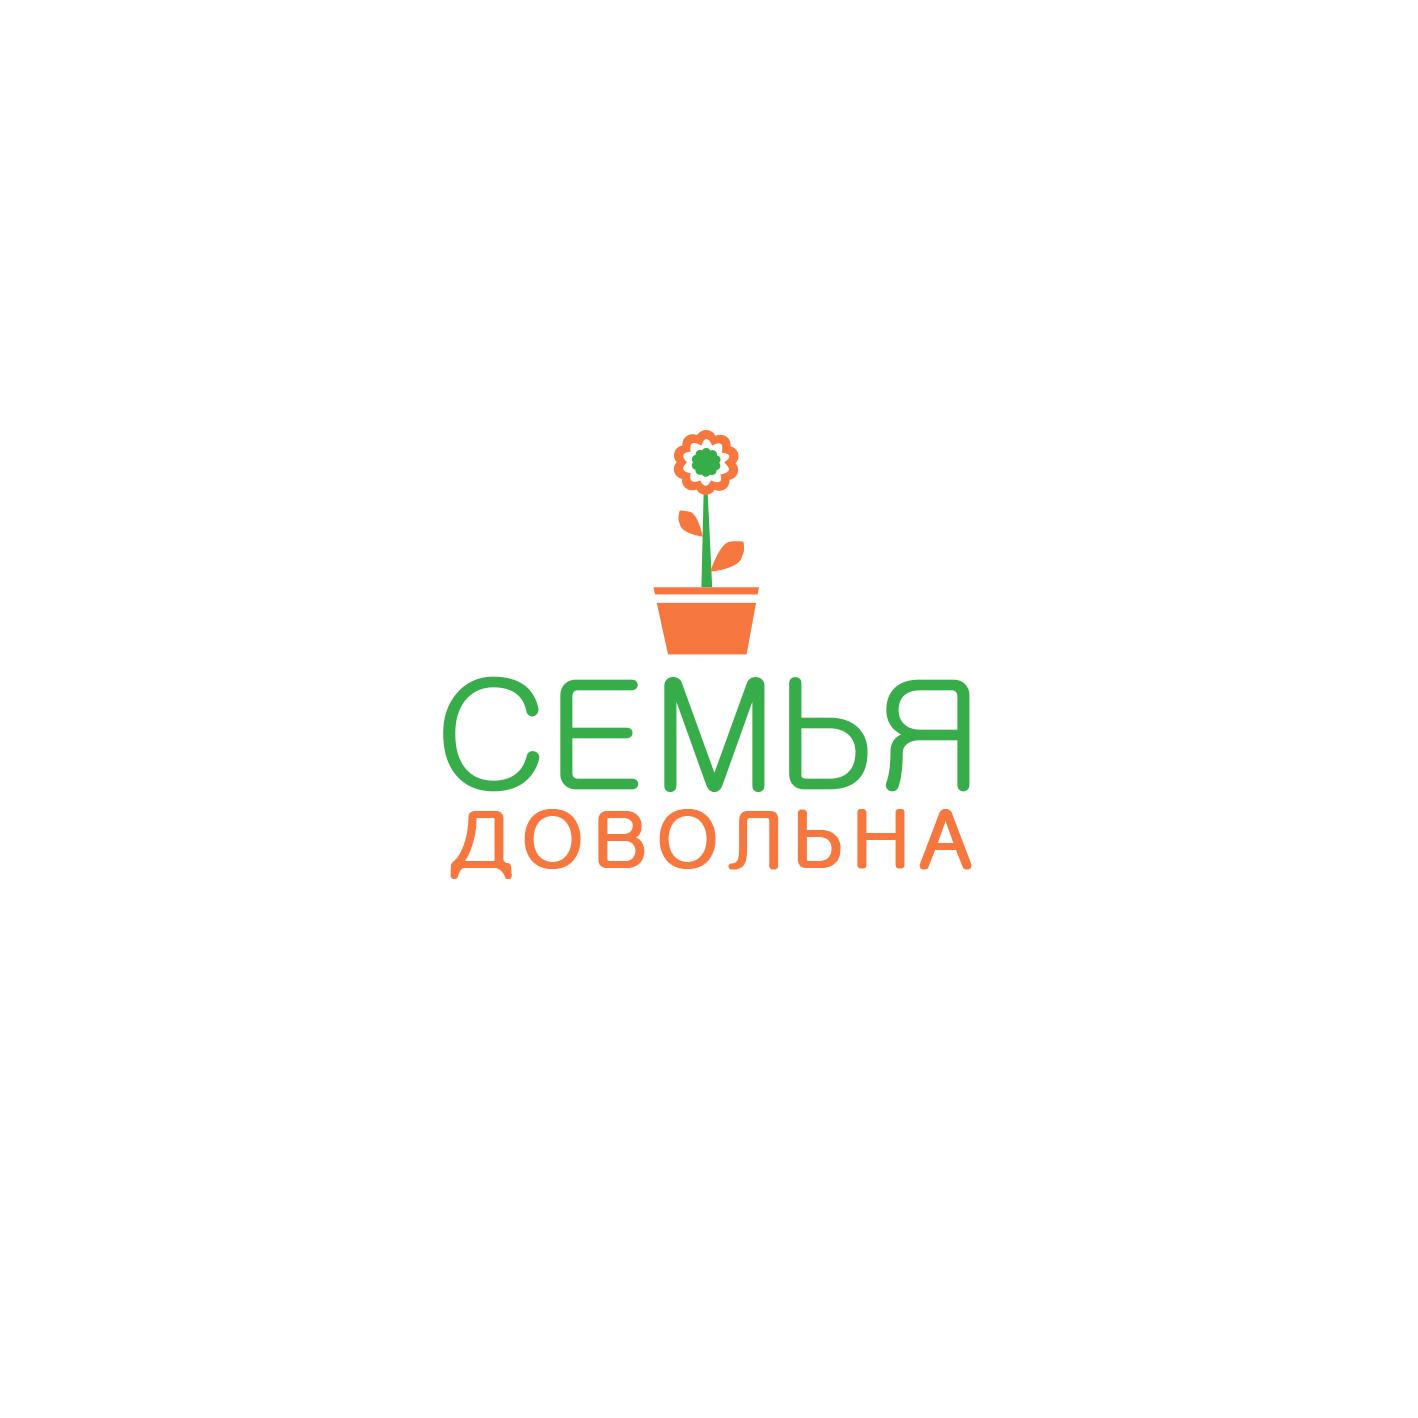 """Разработайте логотип для торговой марки """"Семья довольна"""" фото f_0525b9a8103ac523.jpg"""